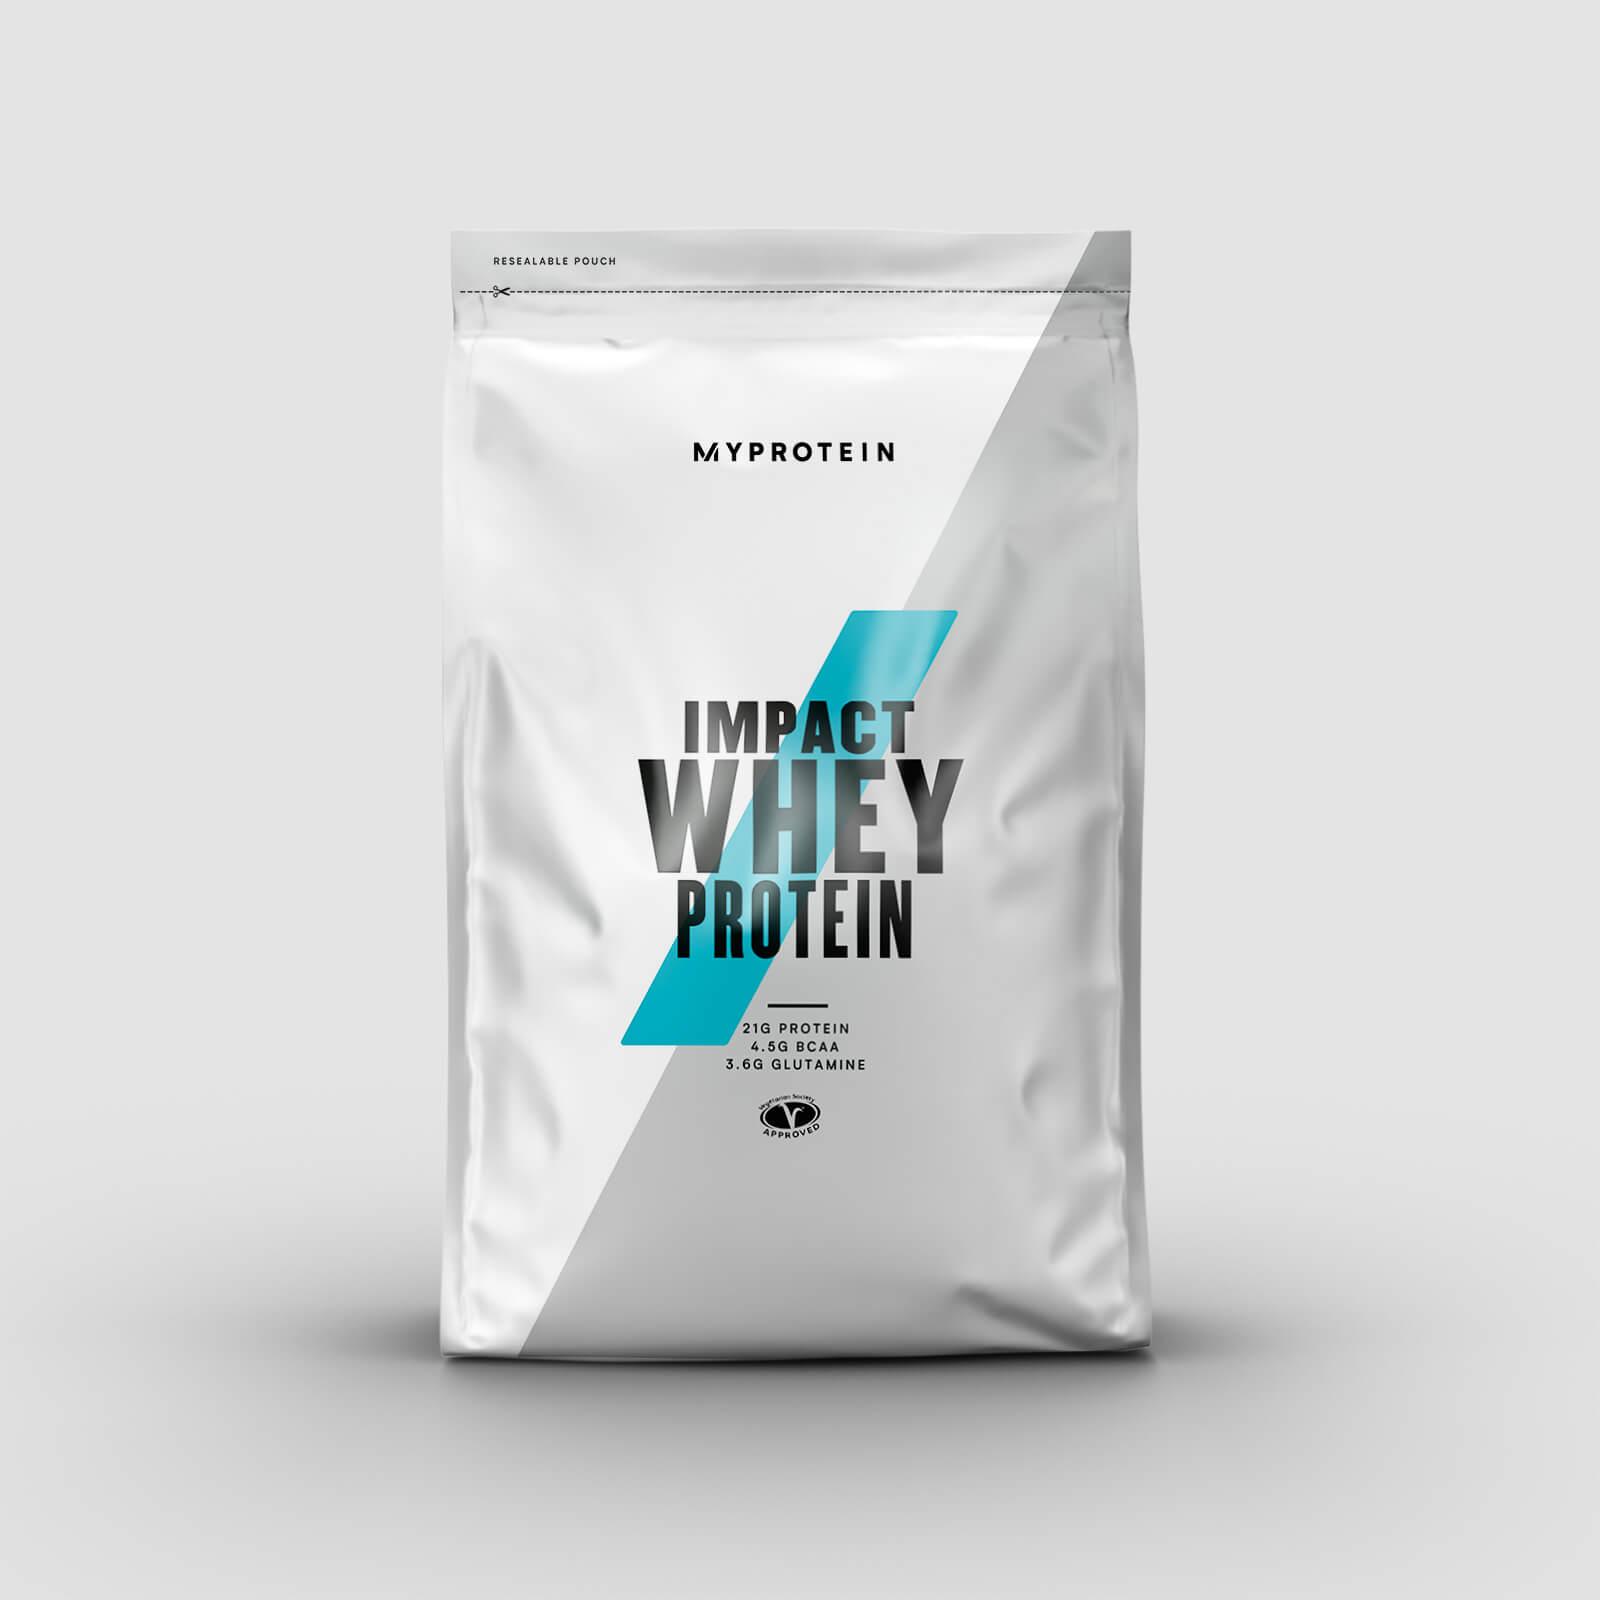 Myprotein Impact Whey Protein 250g - 250g - Noix De Coco